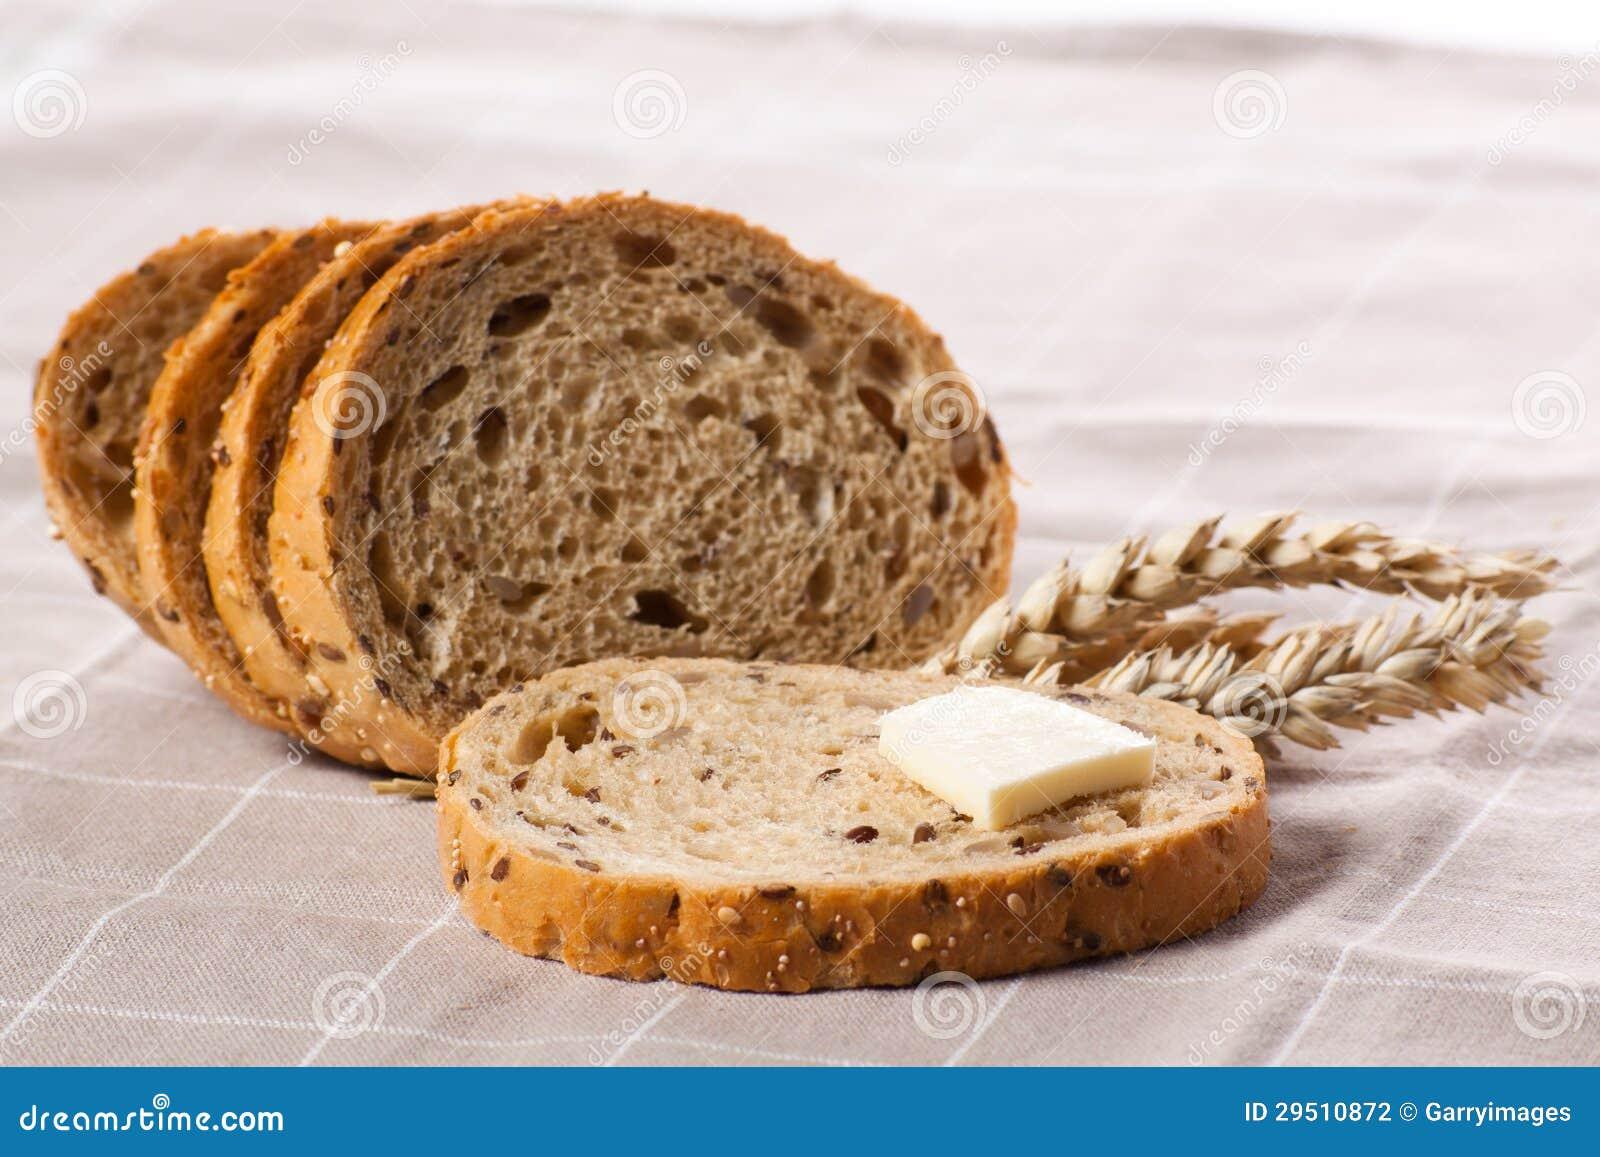 Stuk van brood met boter.